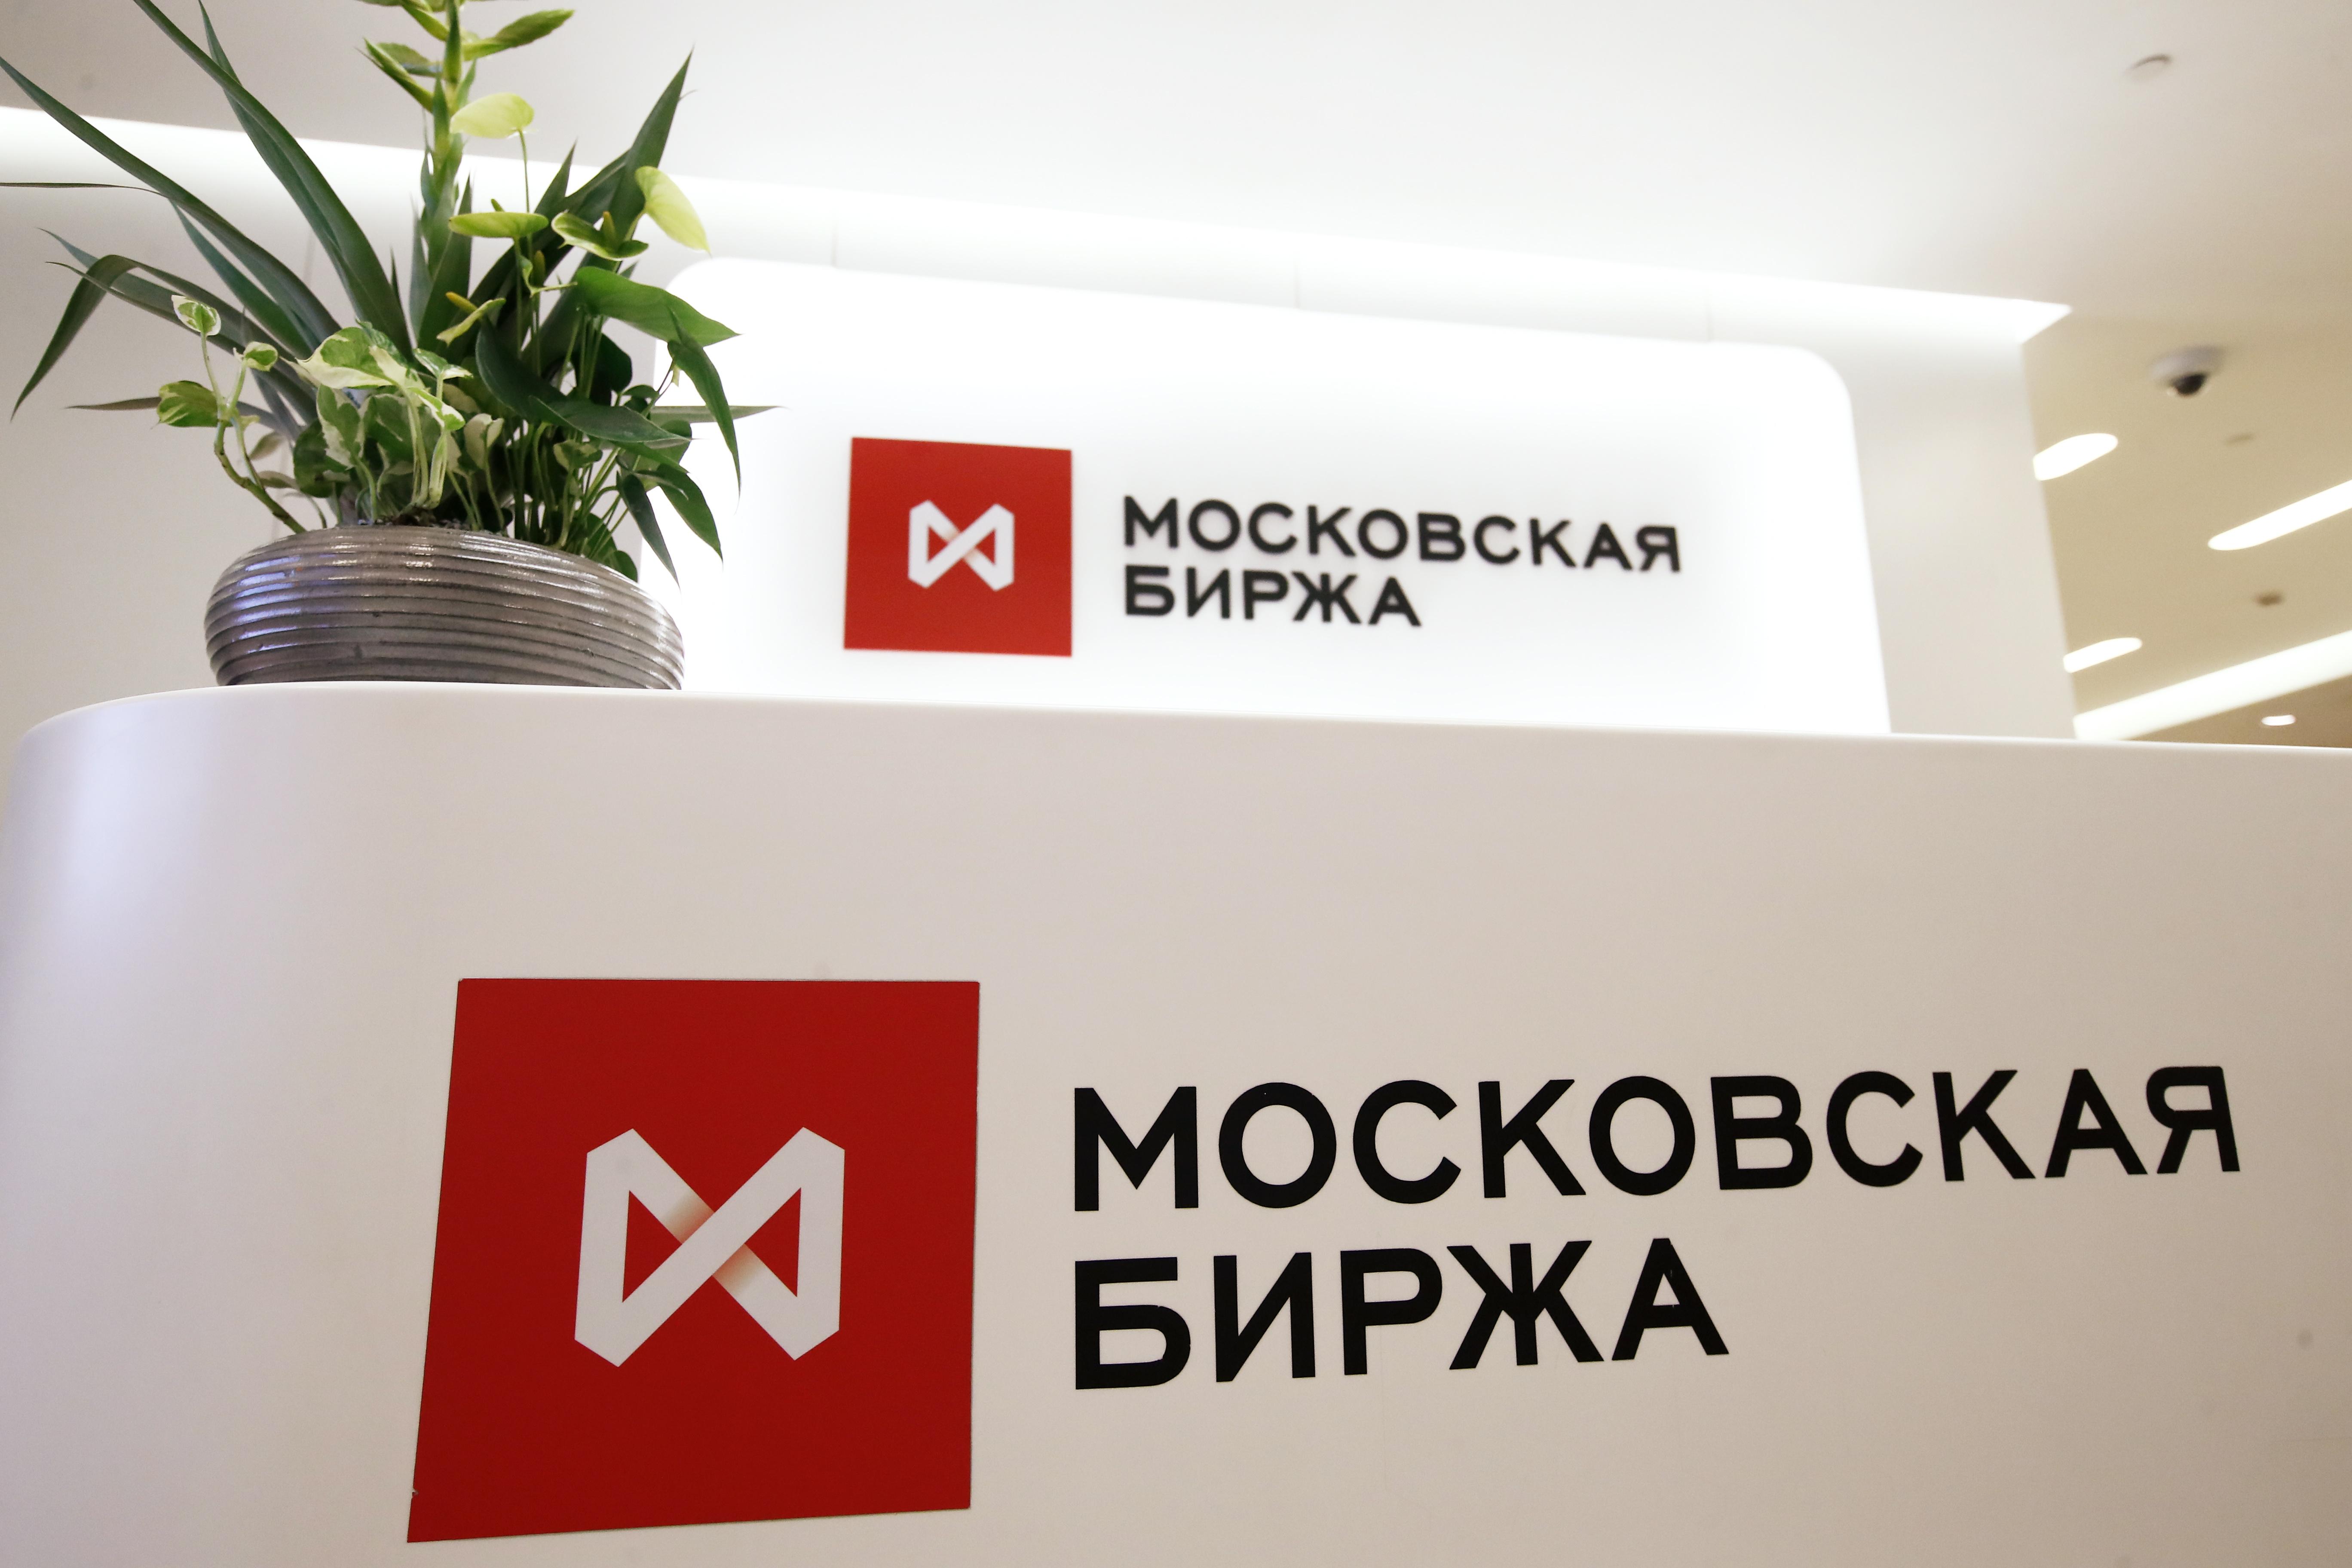 Летом на Мосбирже можно будет торговать некоторыми ликвидными акциями из индекса S&P 500